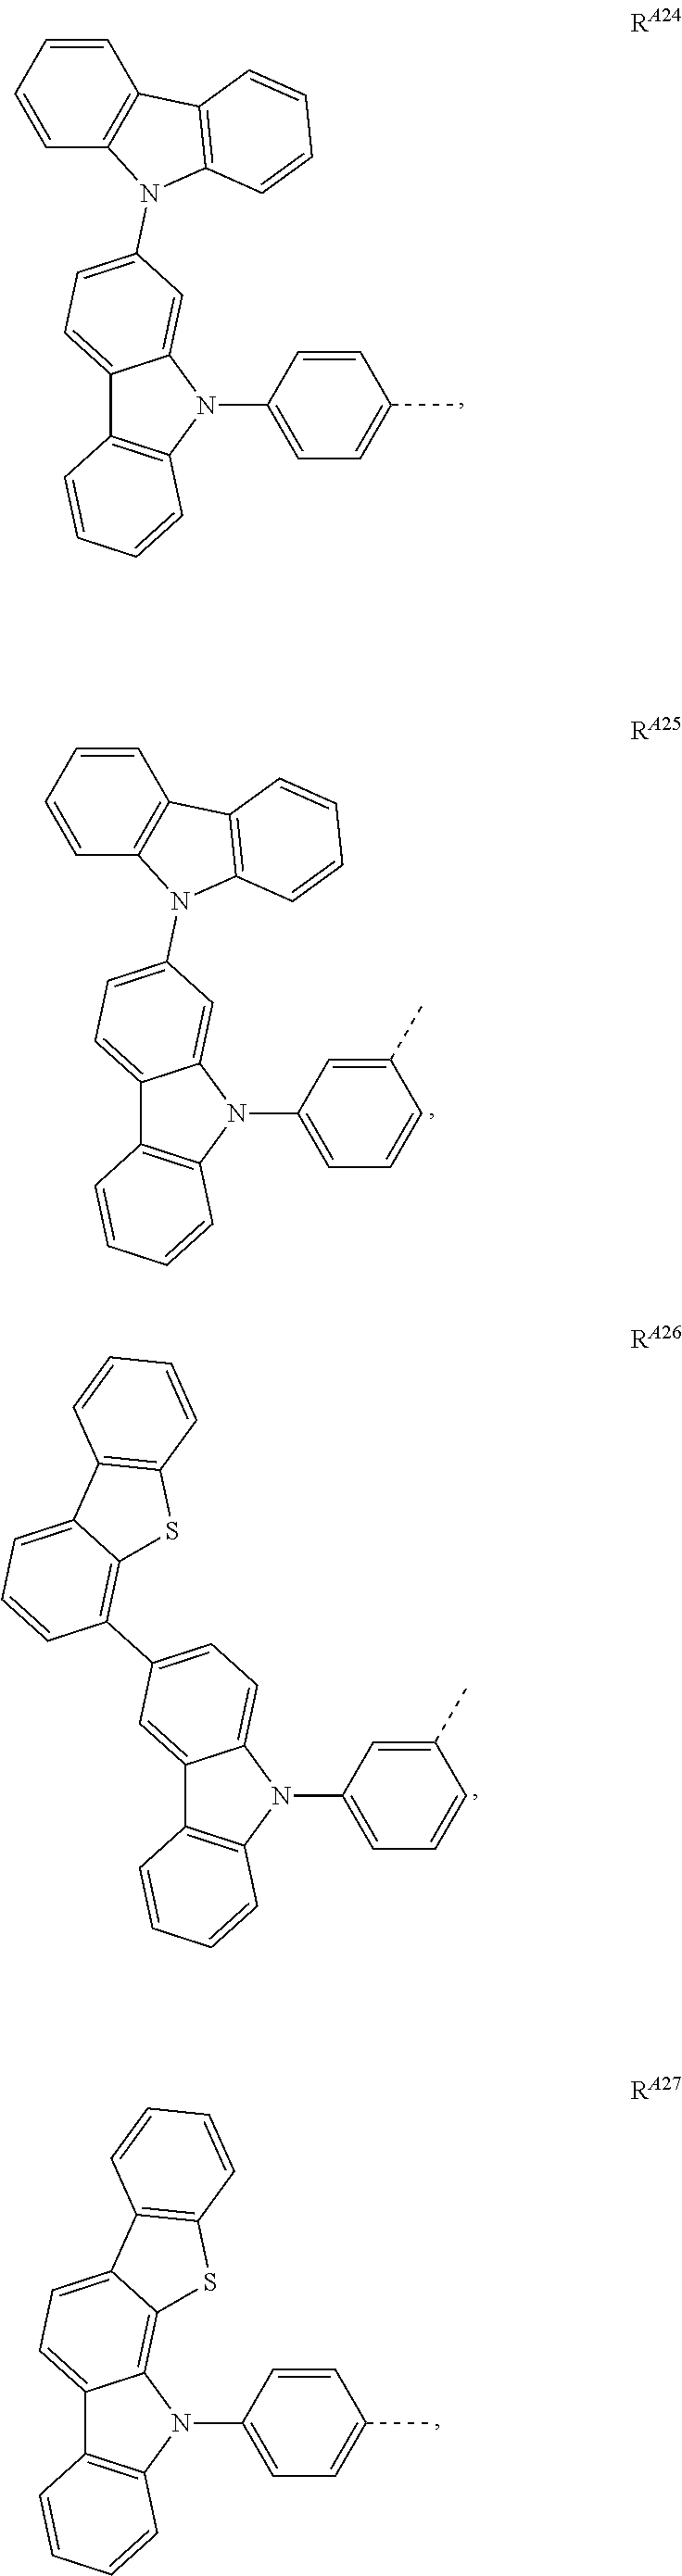 Figure US09761814-20170912-C00226